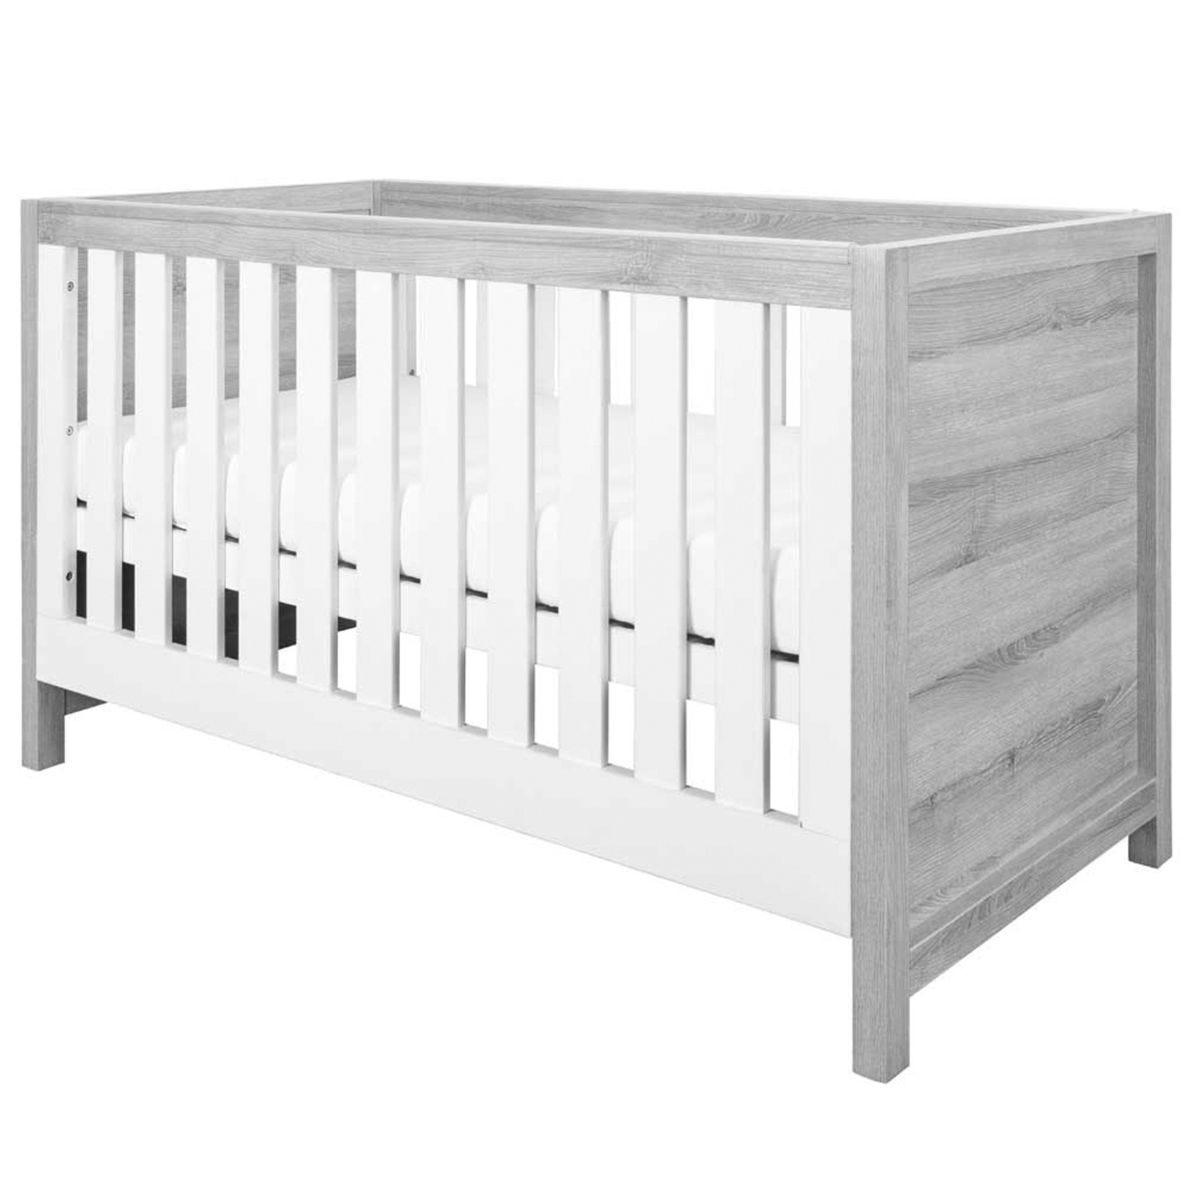 Tutti Bambini Modena 3-in-1 Cot Bed – Ash Grey/White